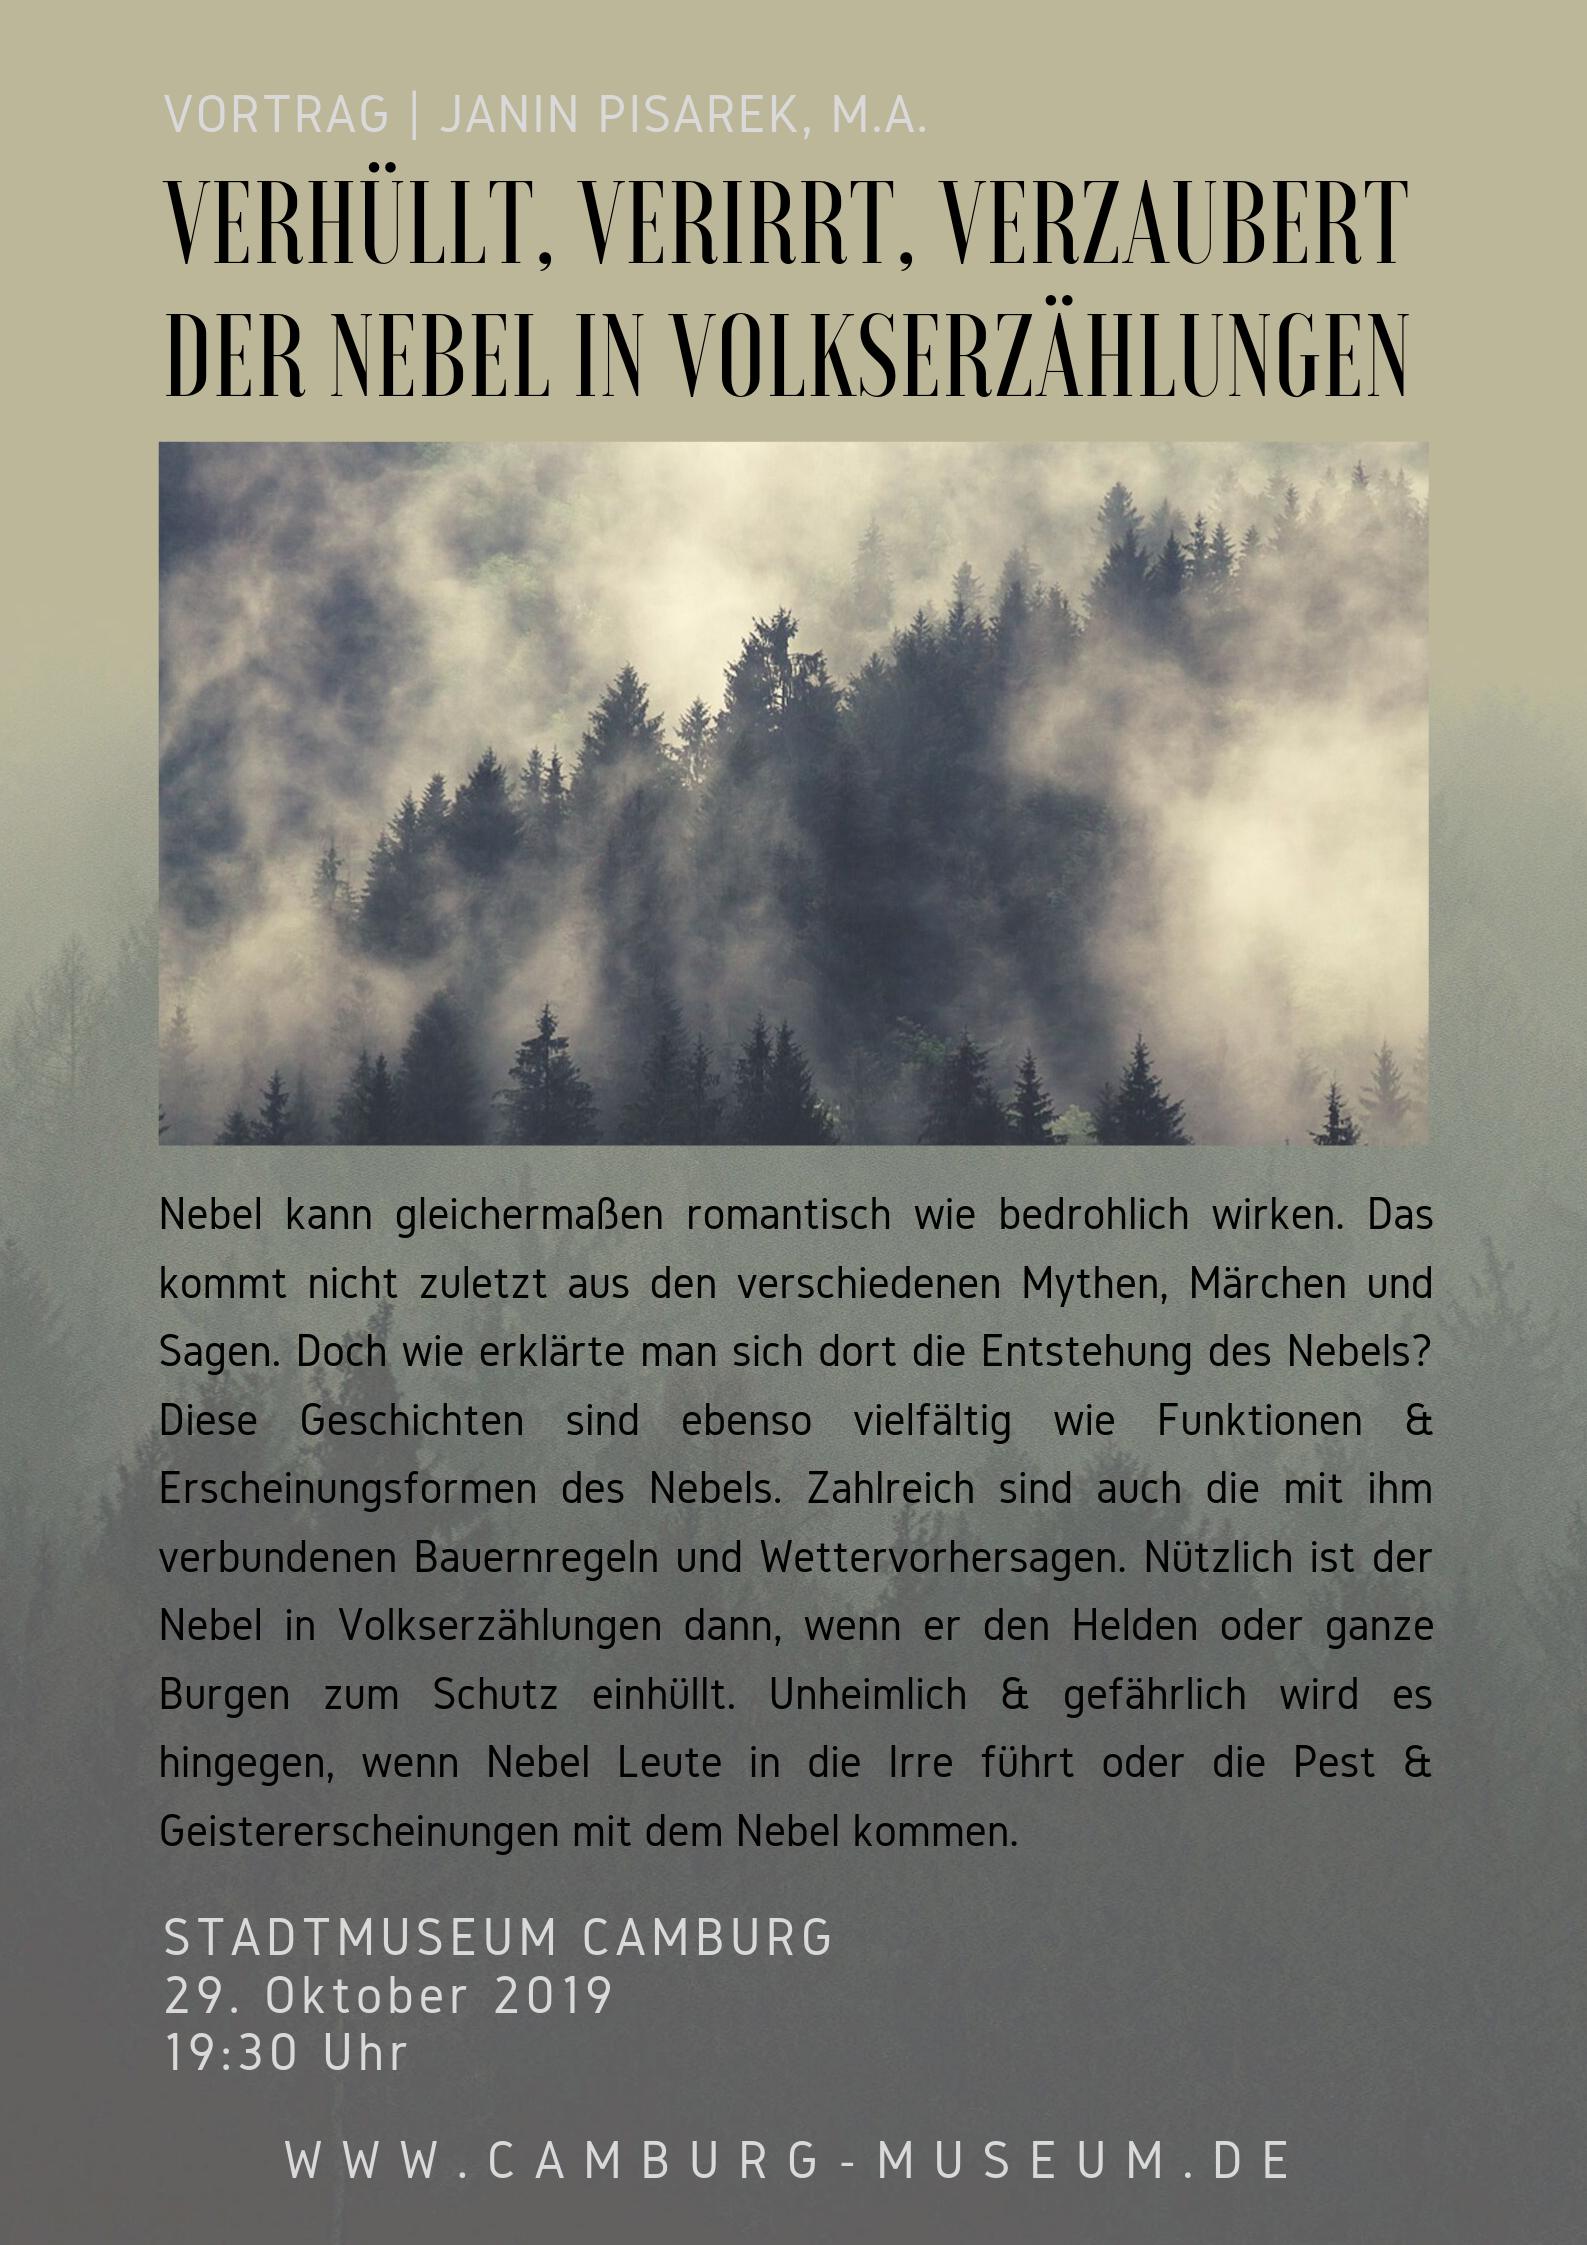 """""""Verhüllt, verirrt, verzaubert"""" - Nebel in Volkserzählungen @ Stadtmuseum Camburg"""